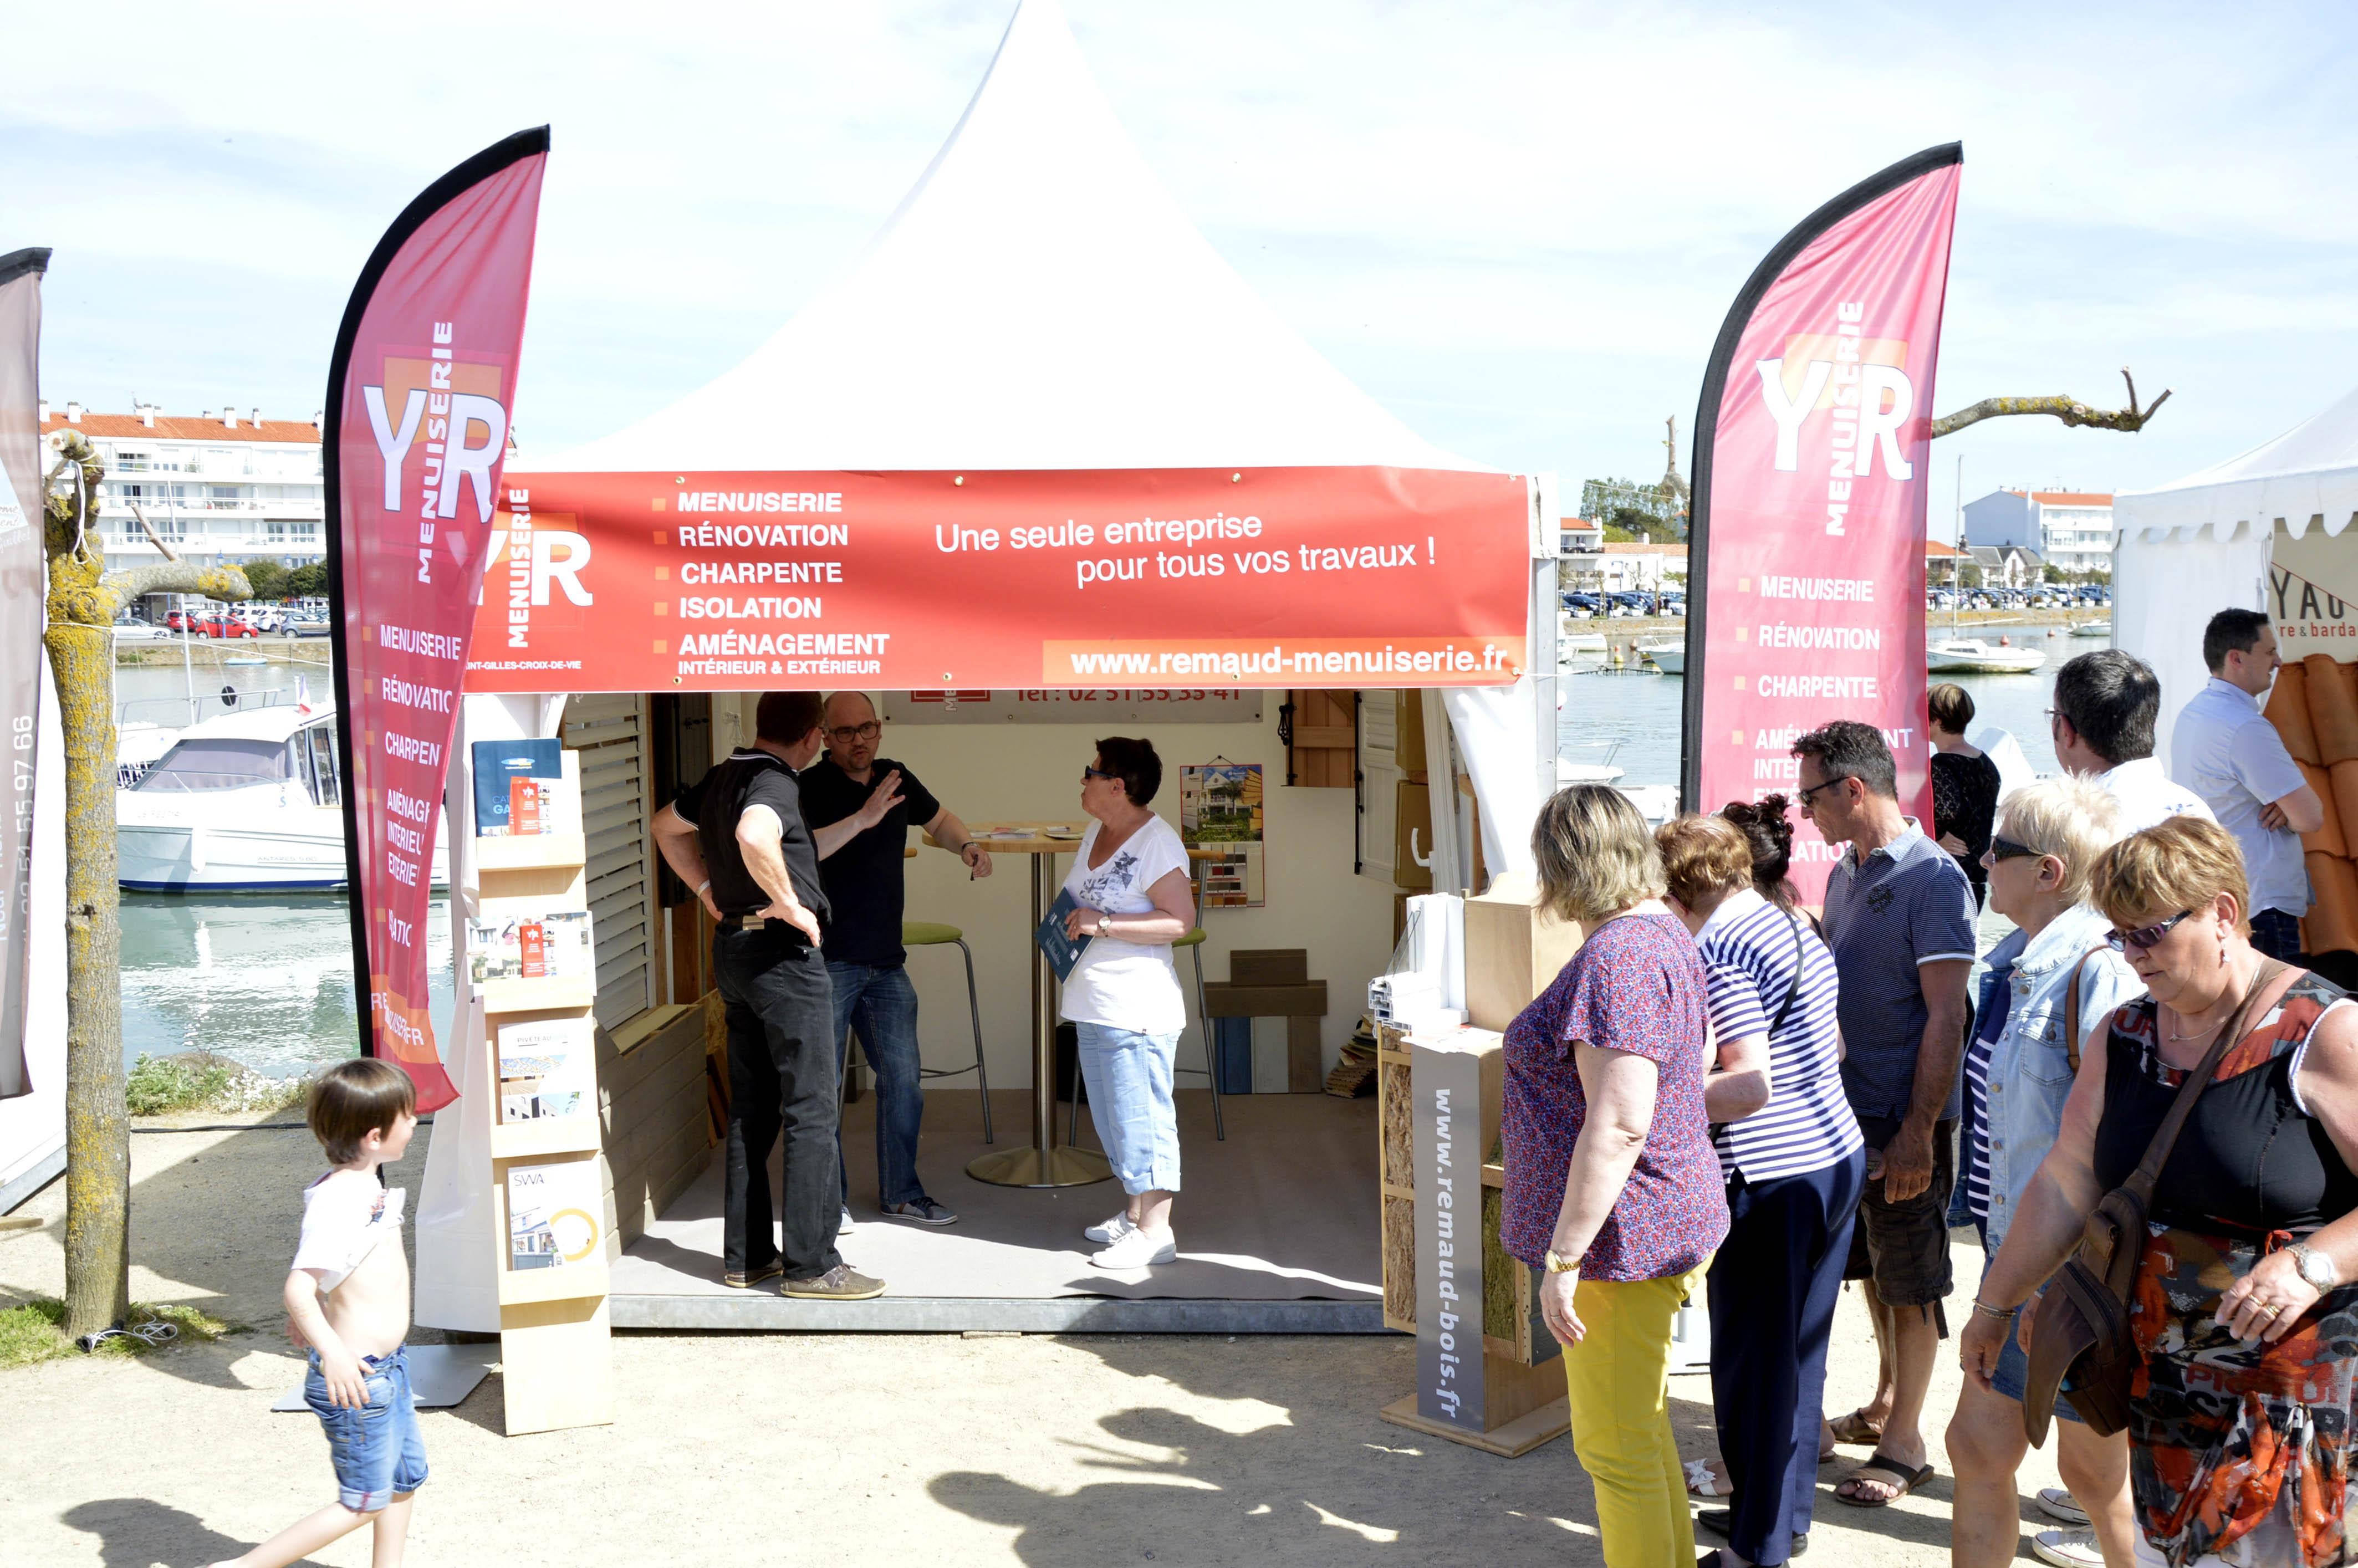 Foire expo de saint gilles croix de vie yannick remaud for Amenagement stand foire exposition